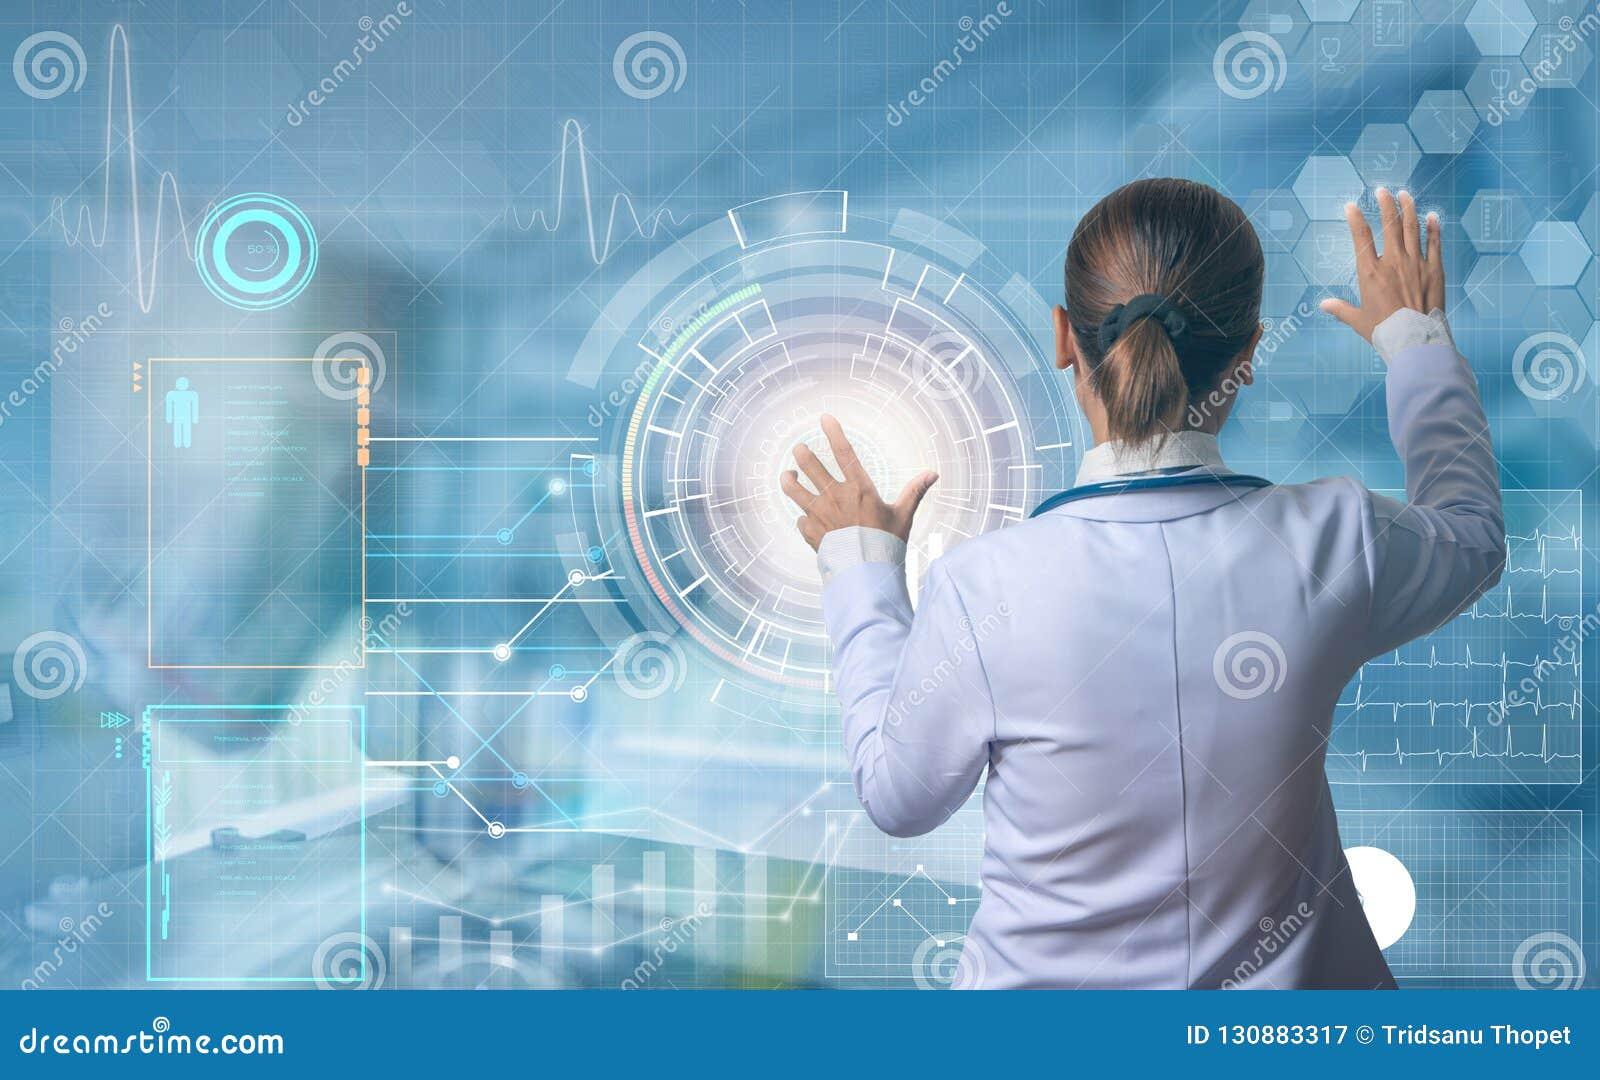 Futuristic medical concept